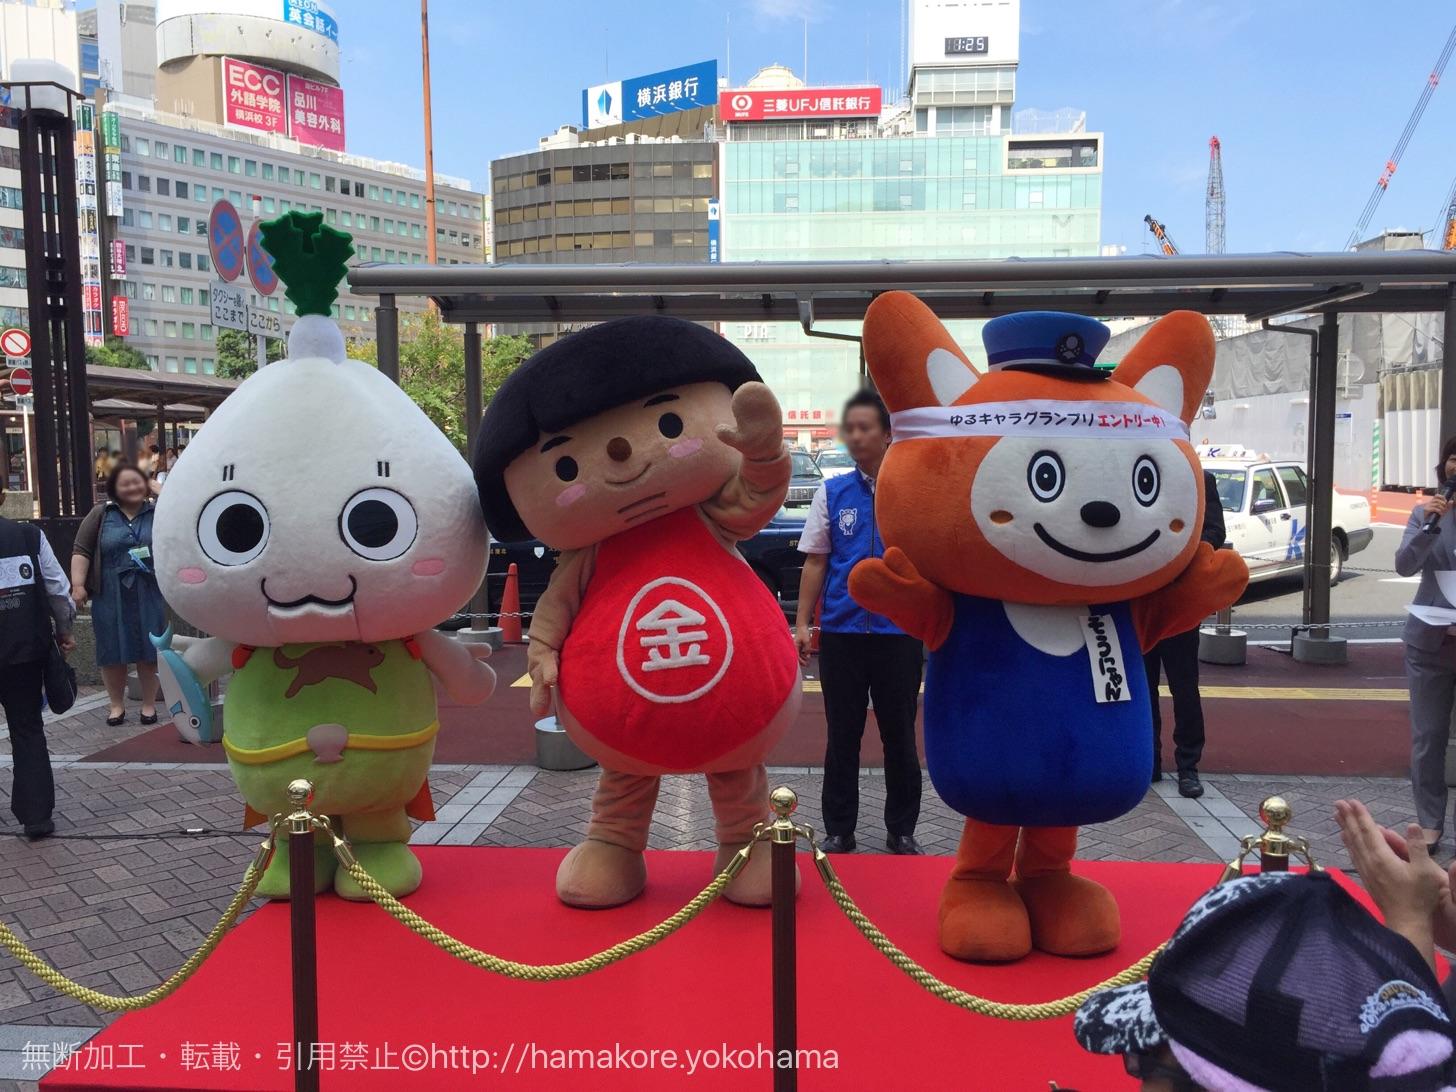 横浜高島屋でかながわ名産展催中!観光親善大使元モー娘。の新垣さんも登場